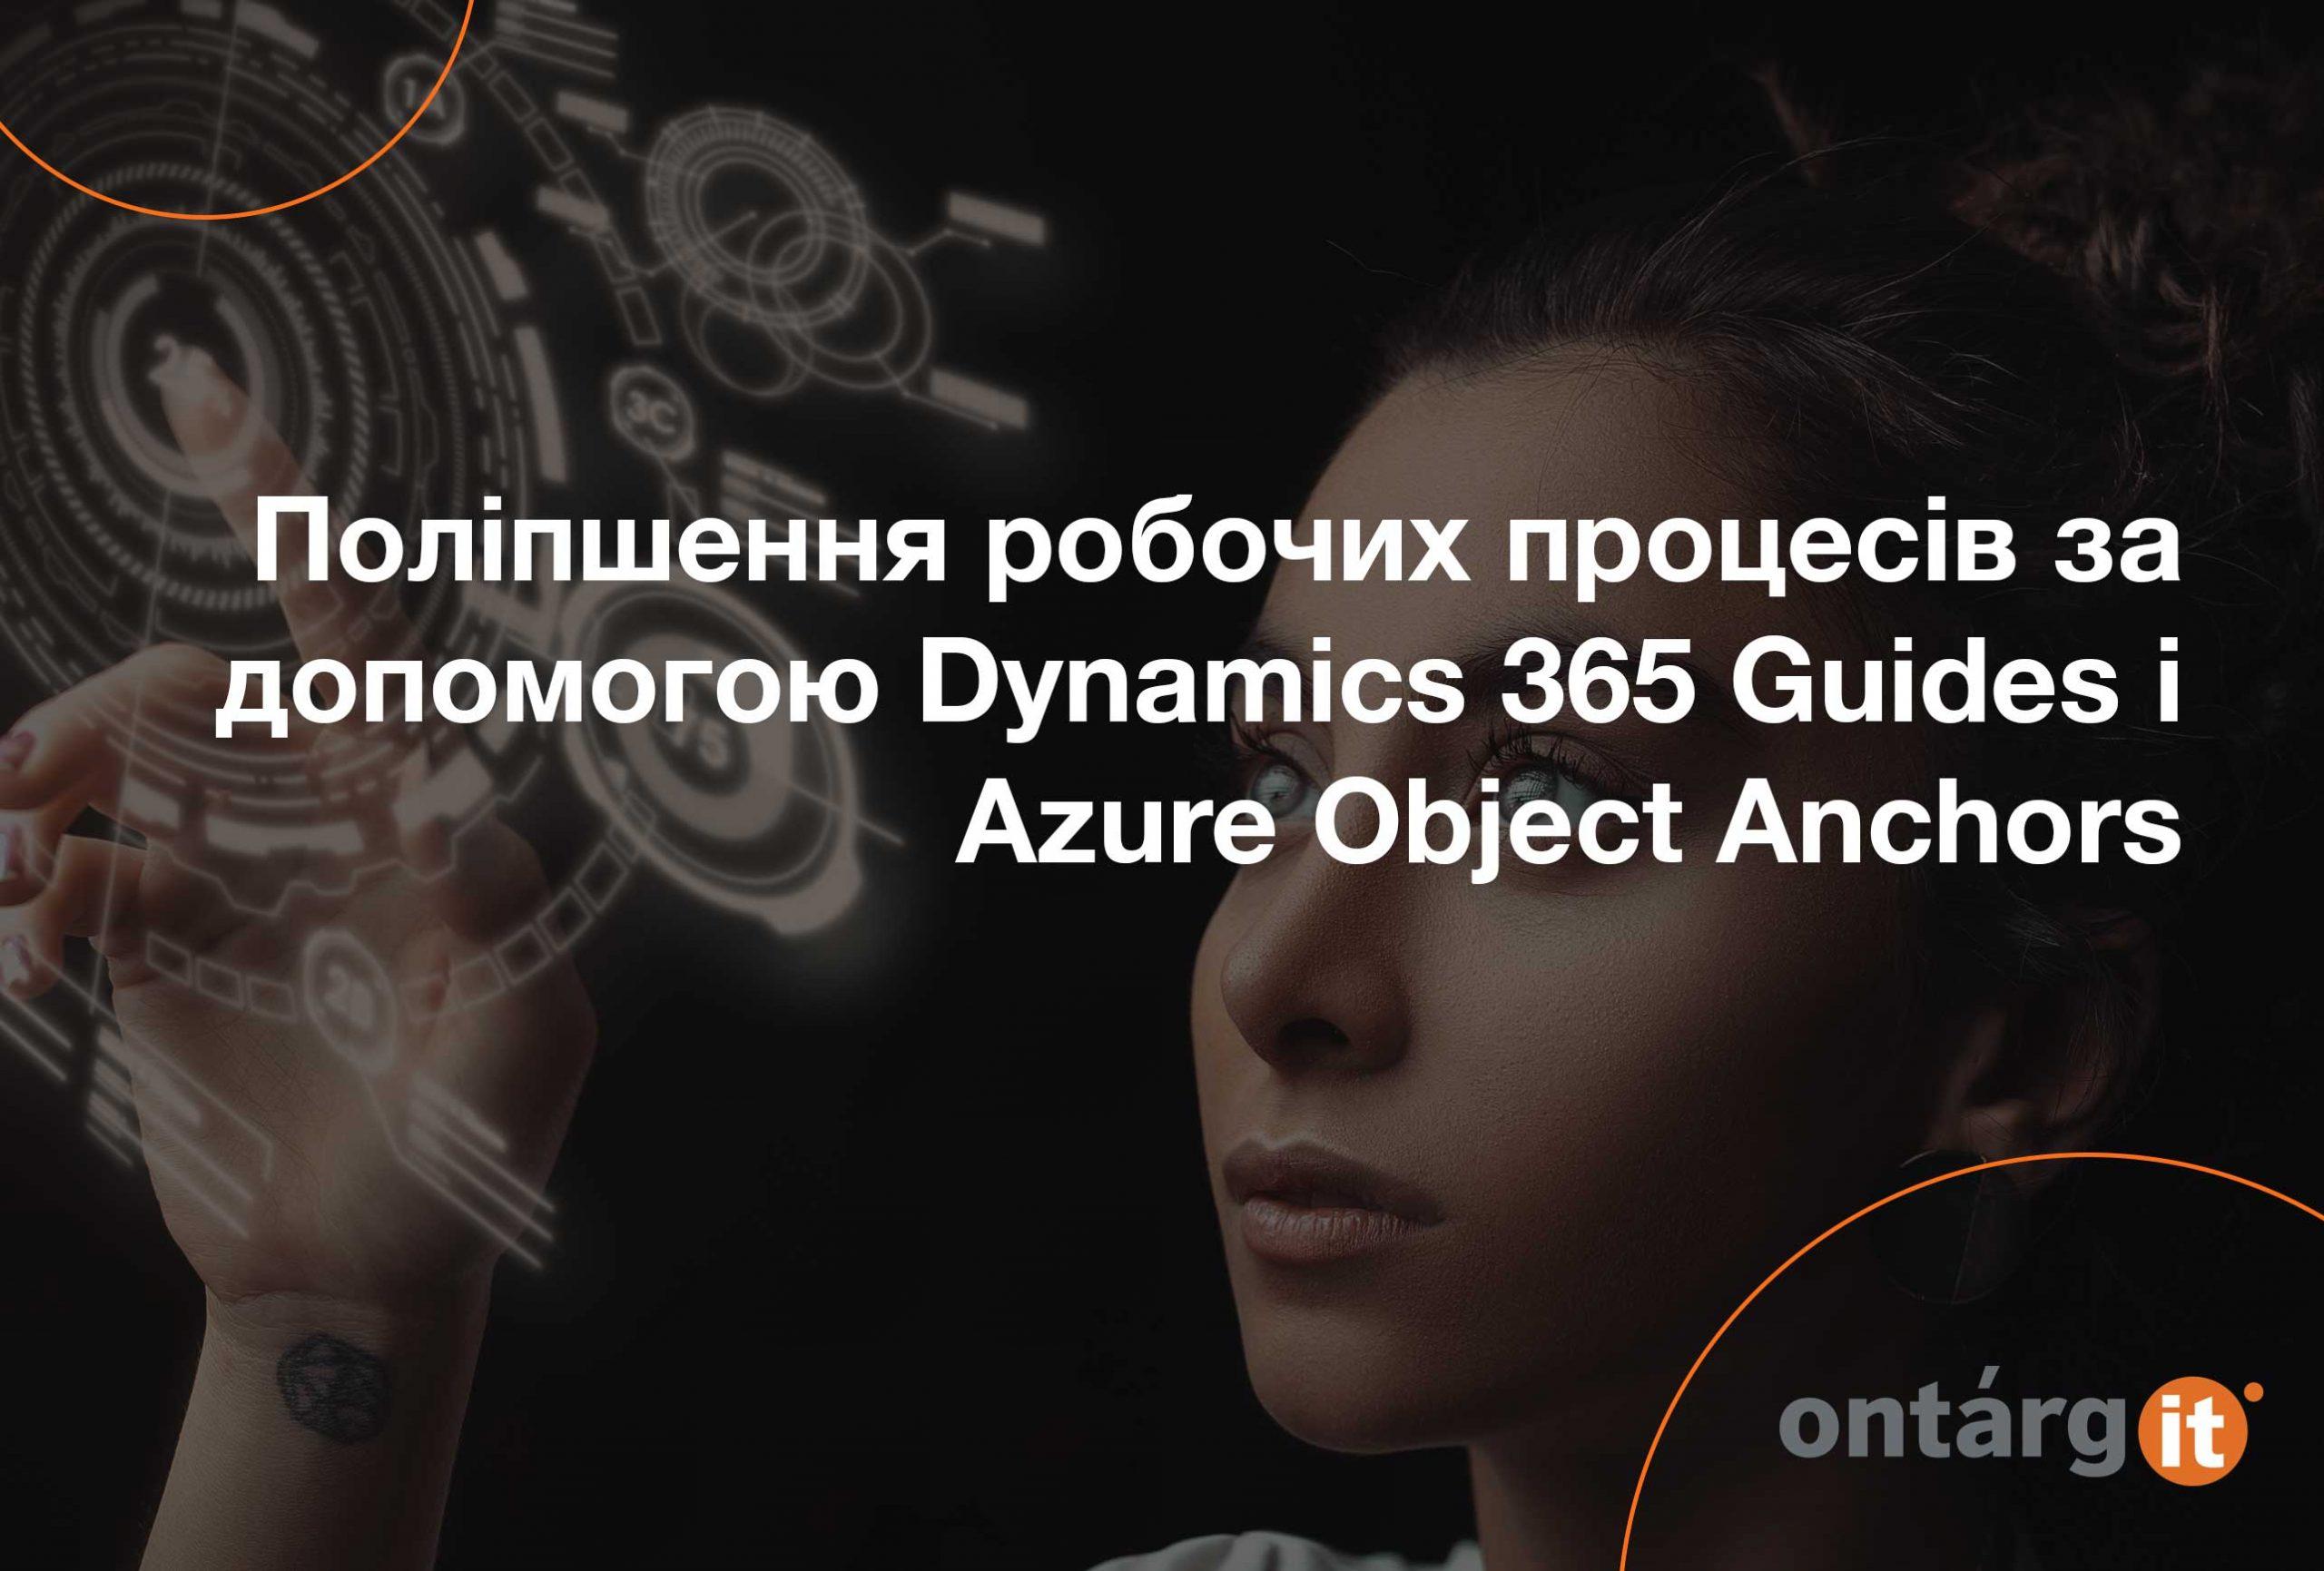 Поліпшення-робочих-процесів-за-допомогою-Dynamics-365-Guides-і-Azure-Object-Anchors